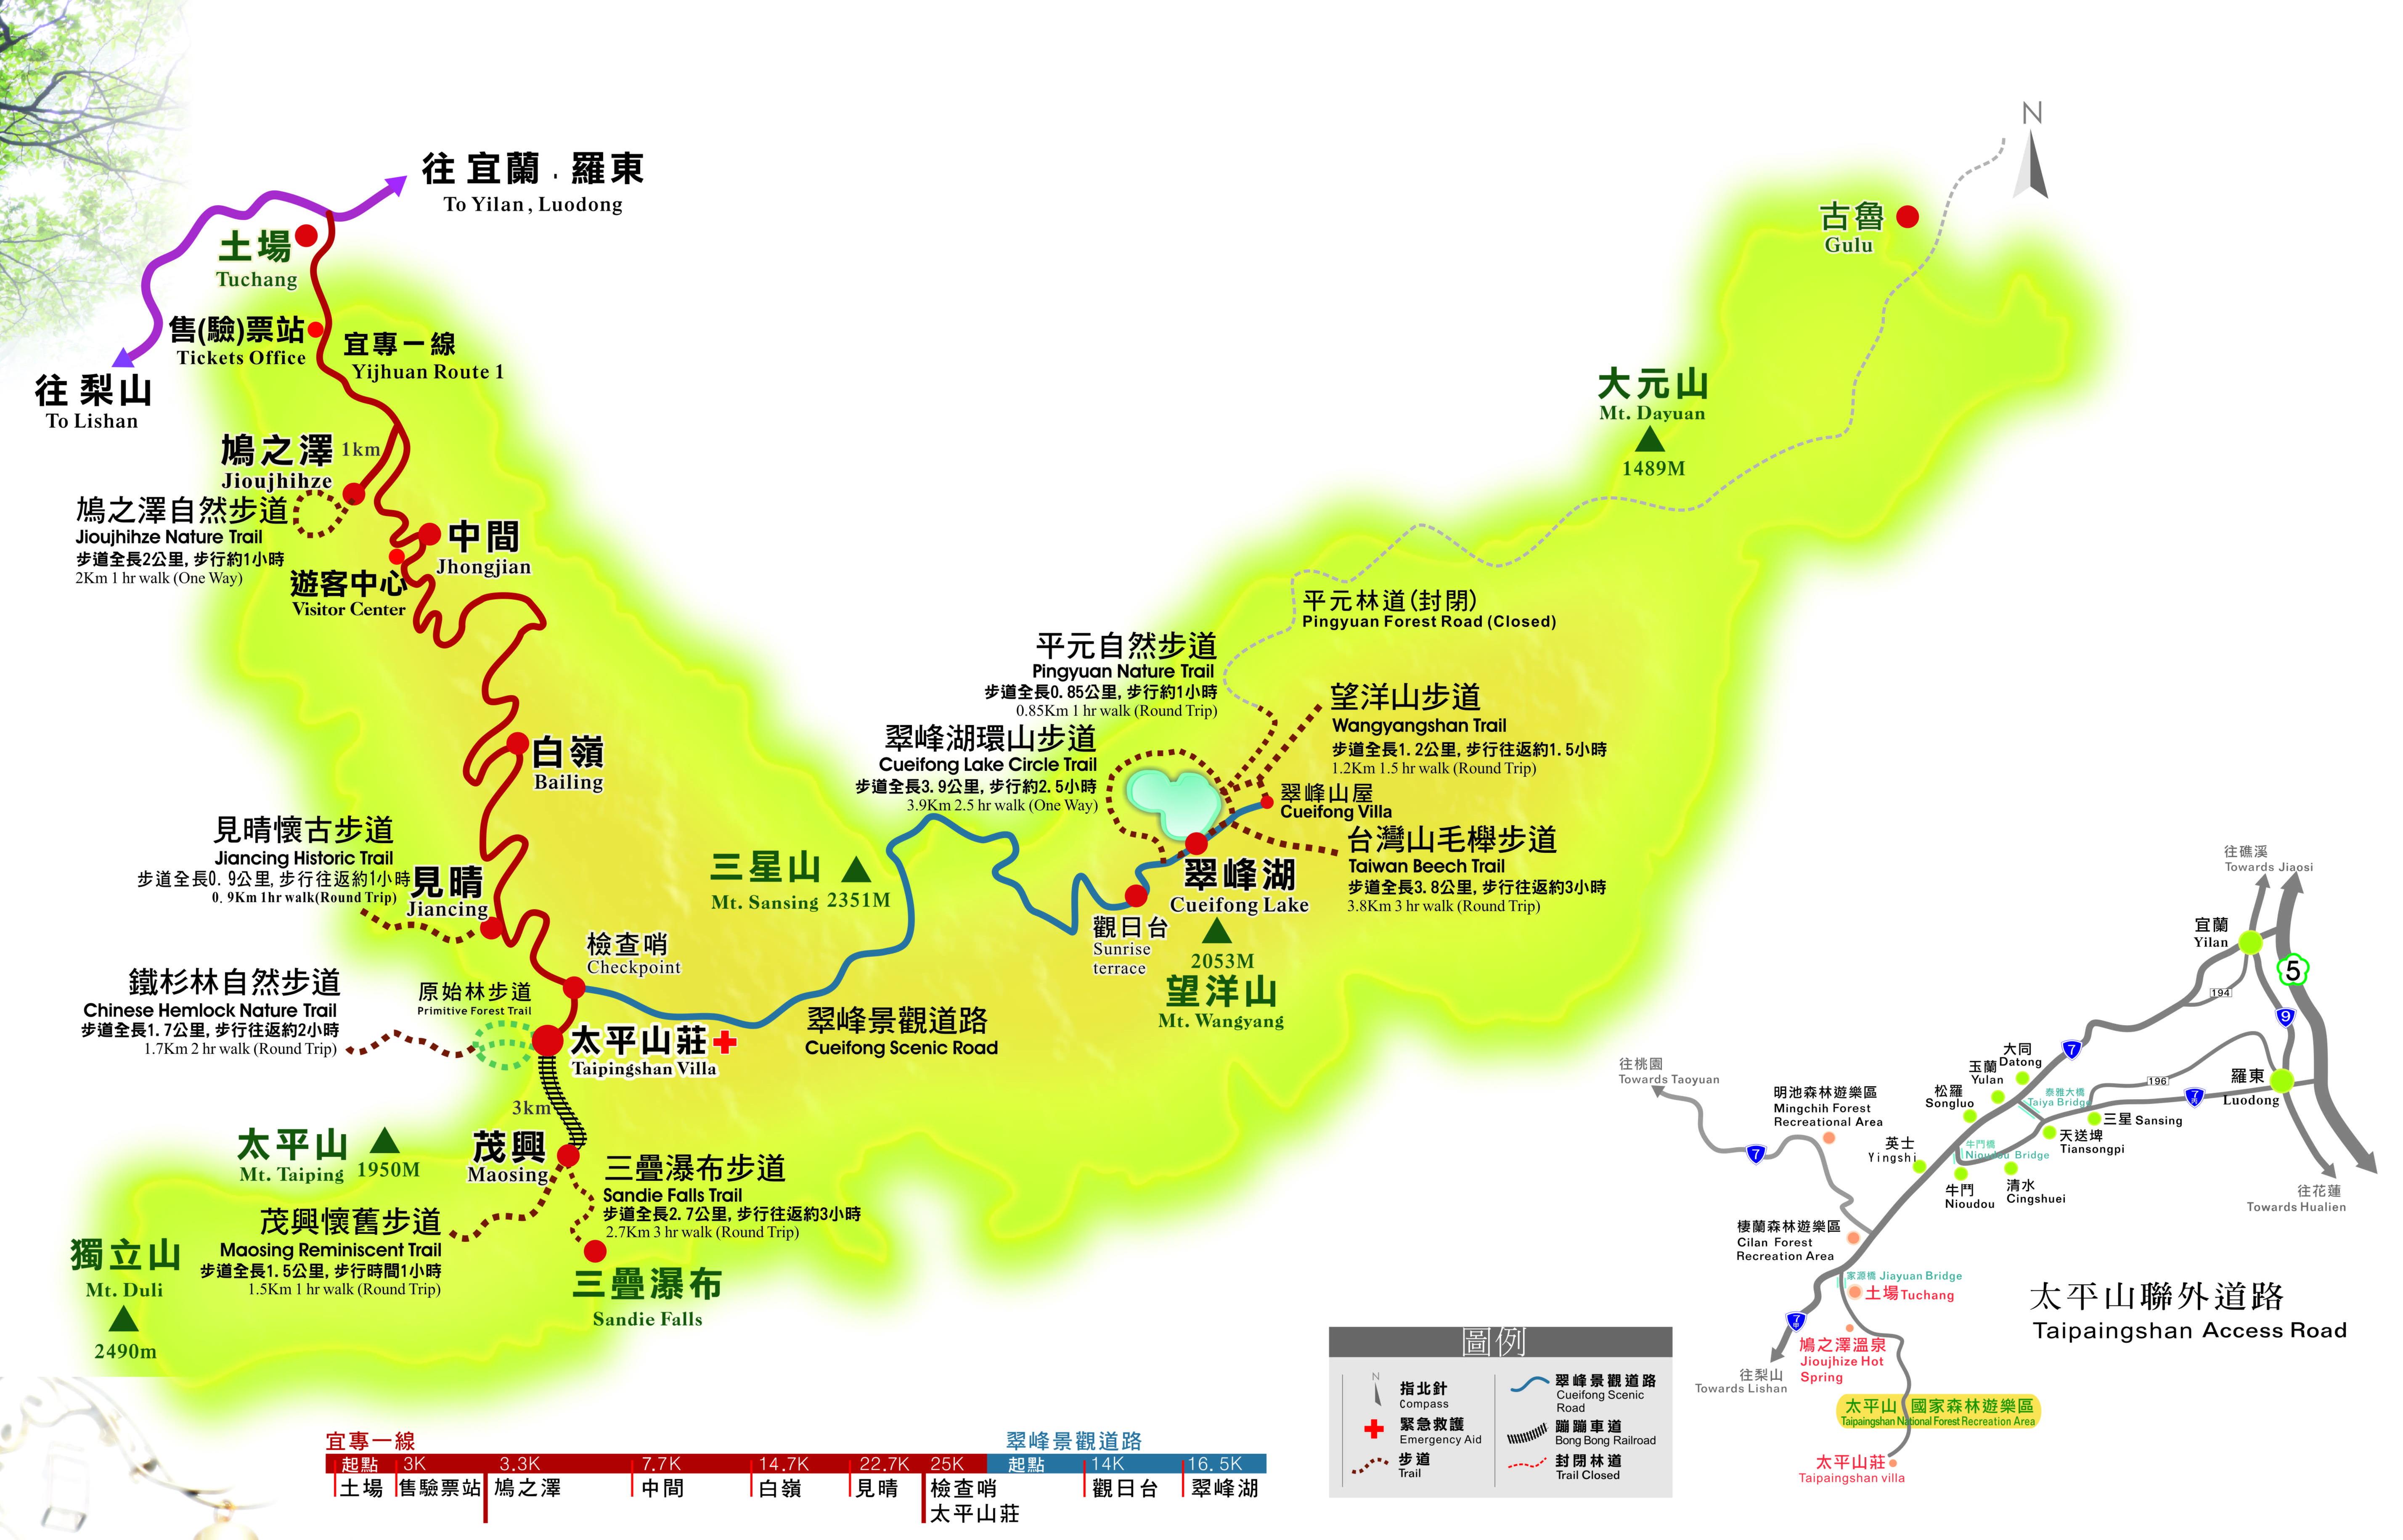 太平山國家森林遊樂區交通路線圖